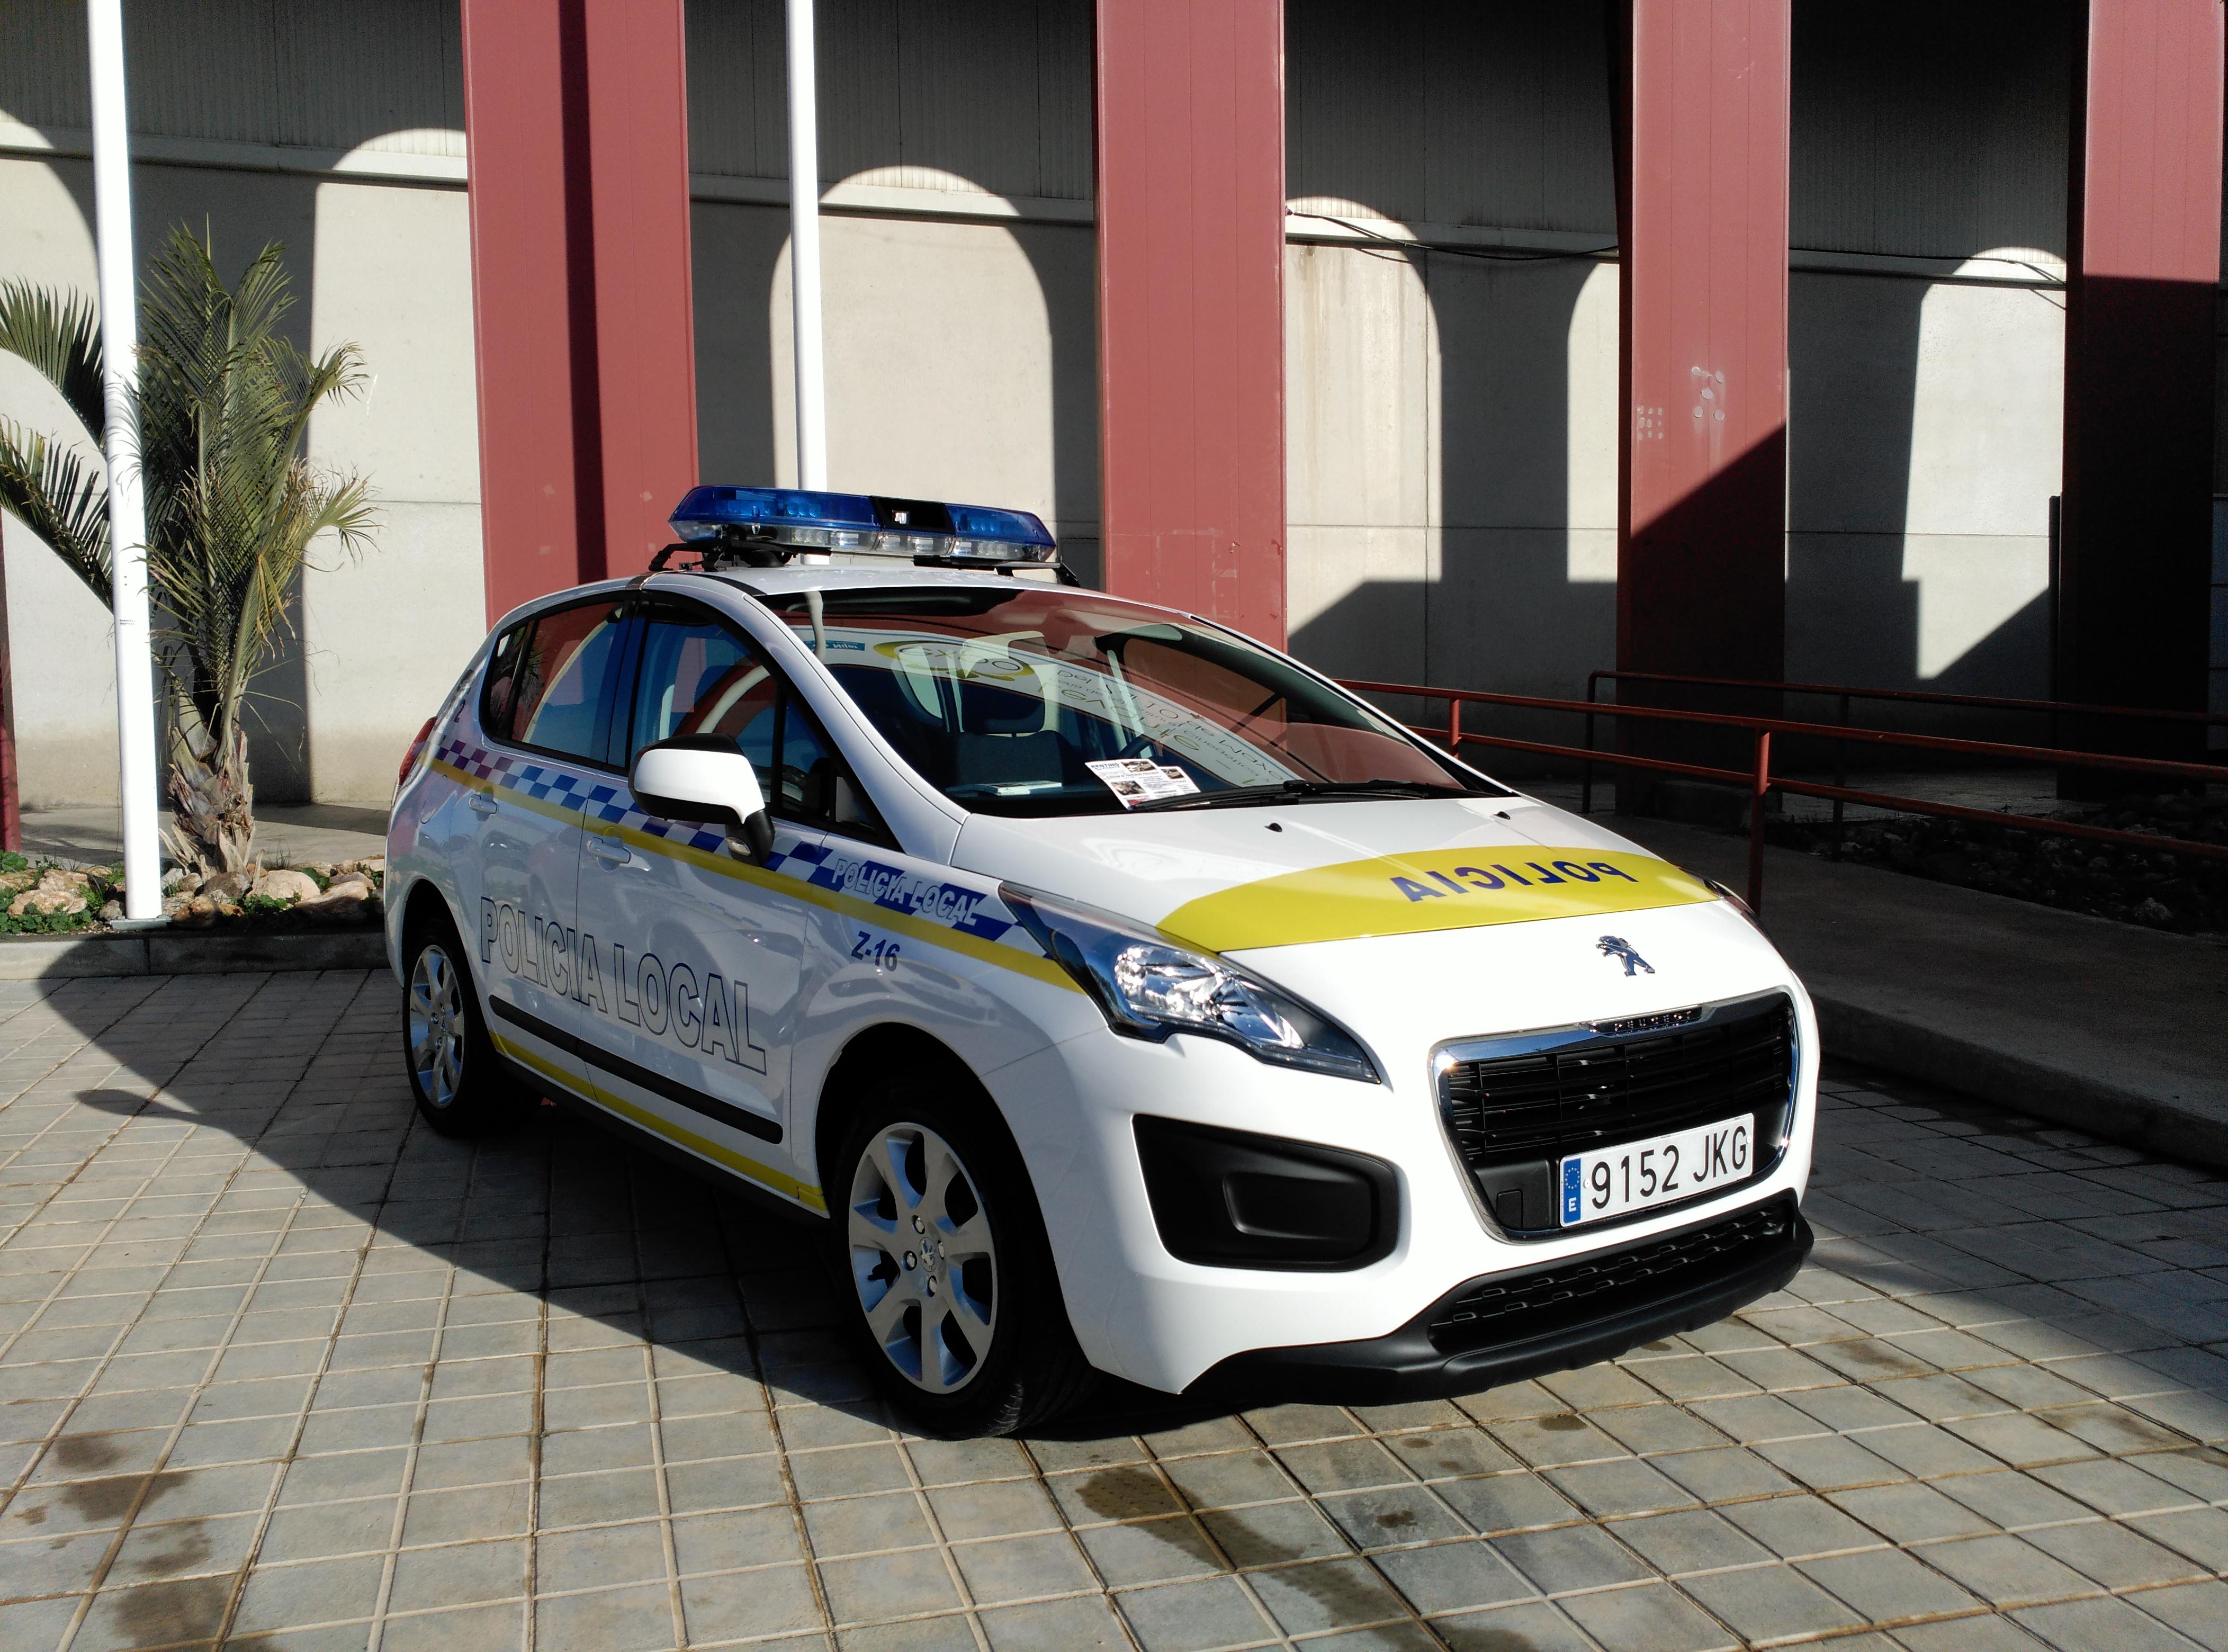 Reinting y Alquiler de vehículos policiales